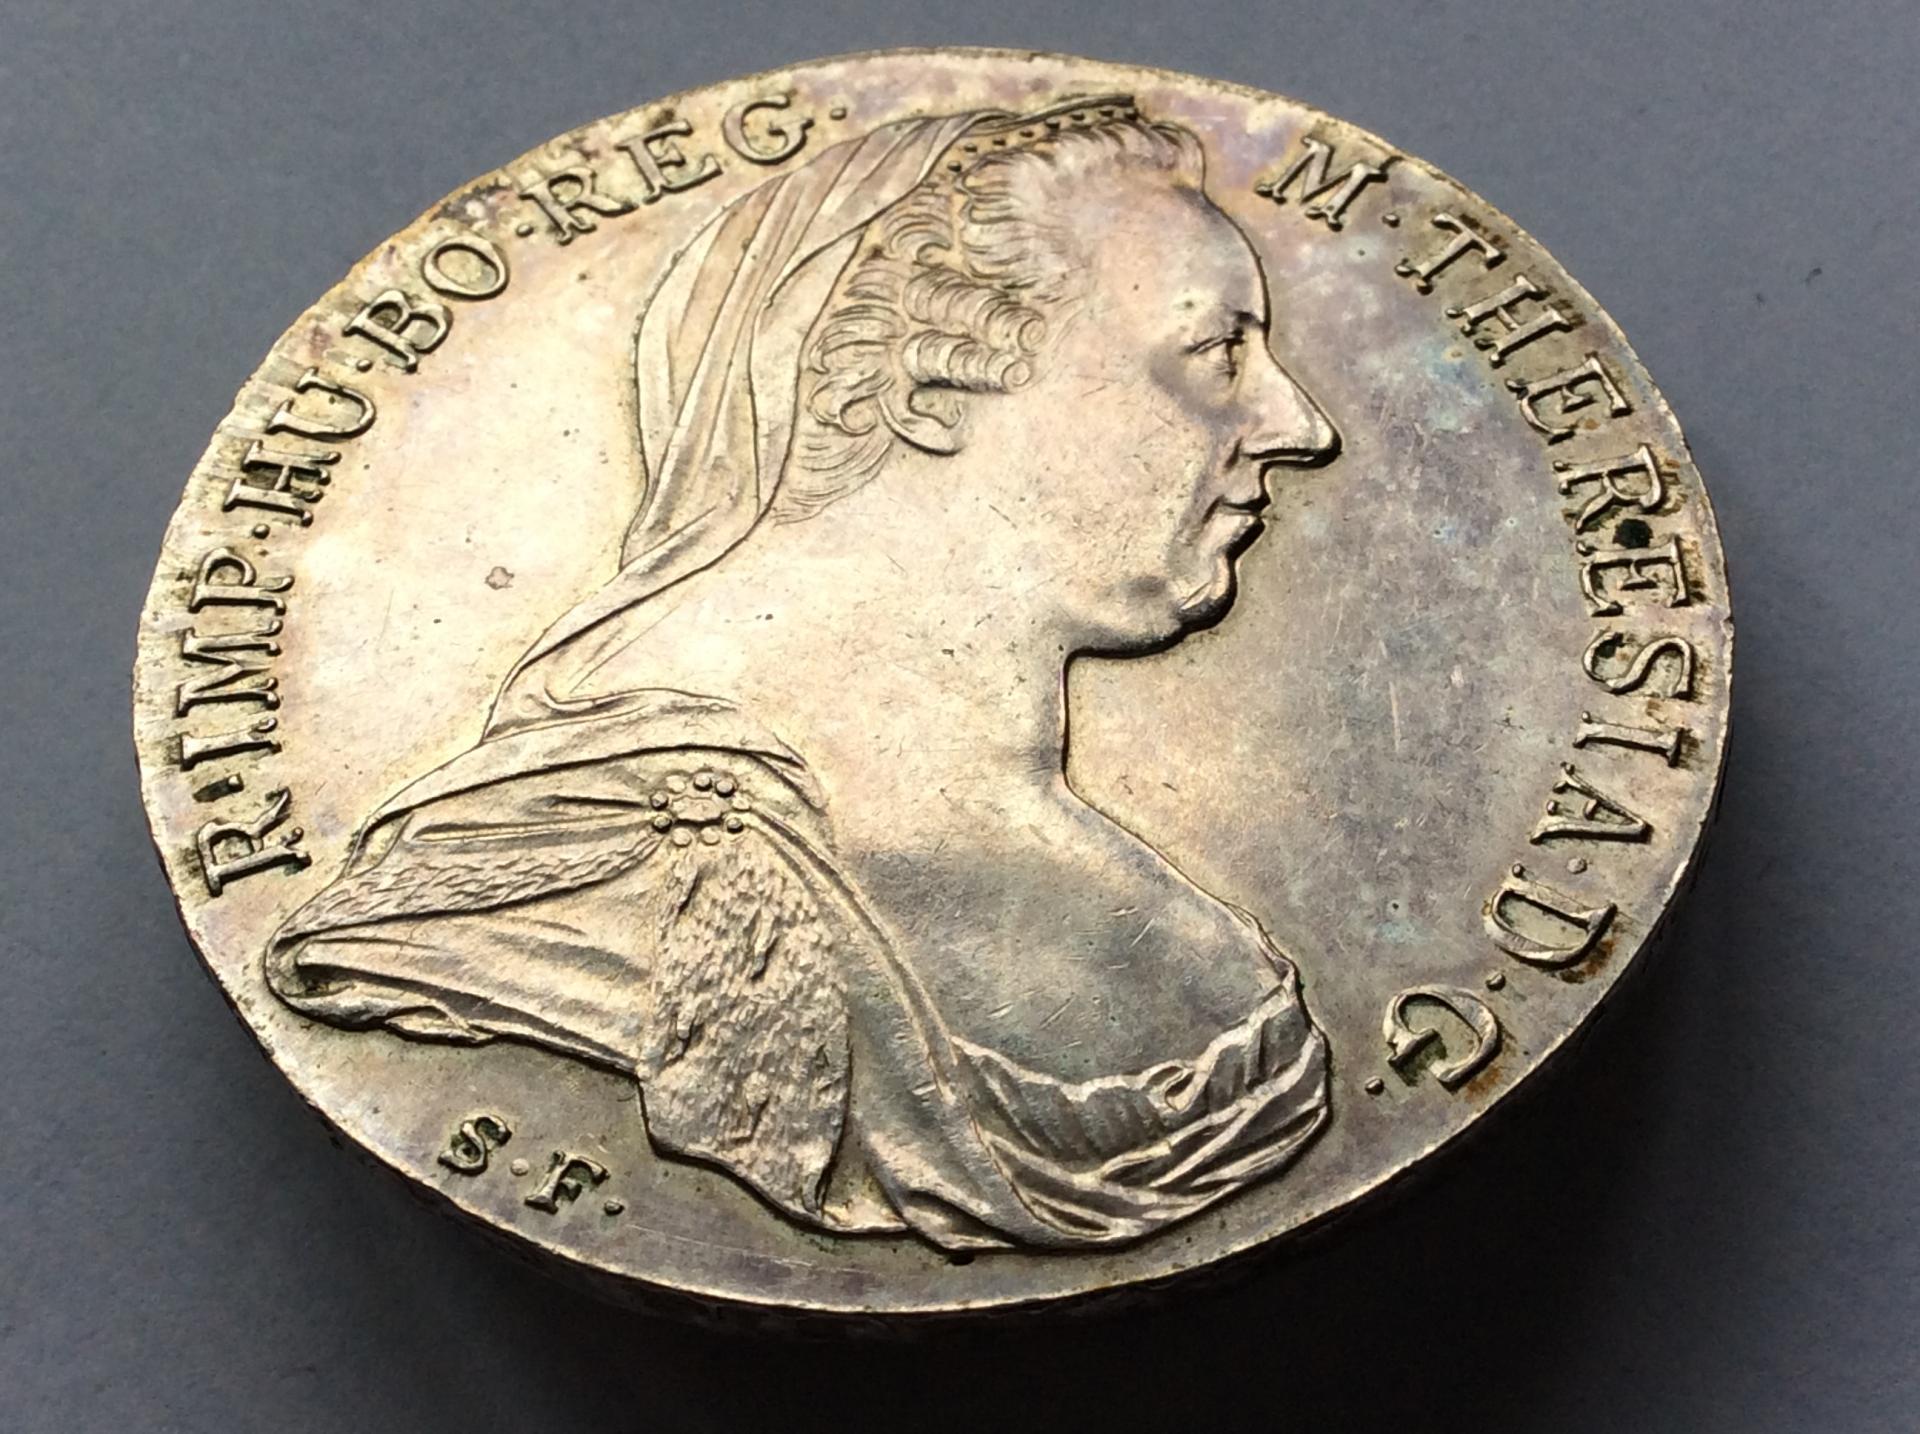 1 TALER DE PLATA DE 1780 - MARIA TERESA DE AUSTRIA - SIN CIRCULAR